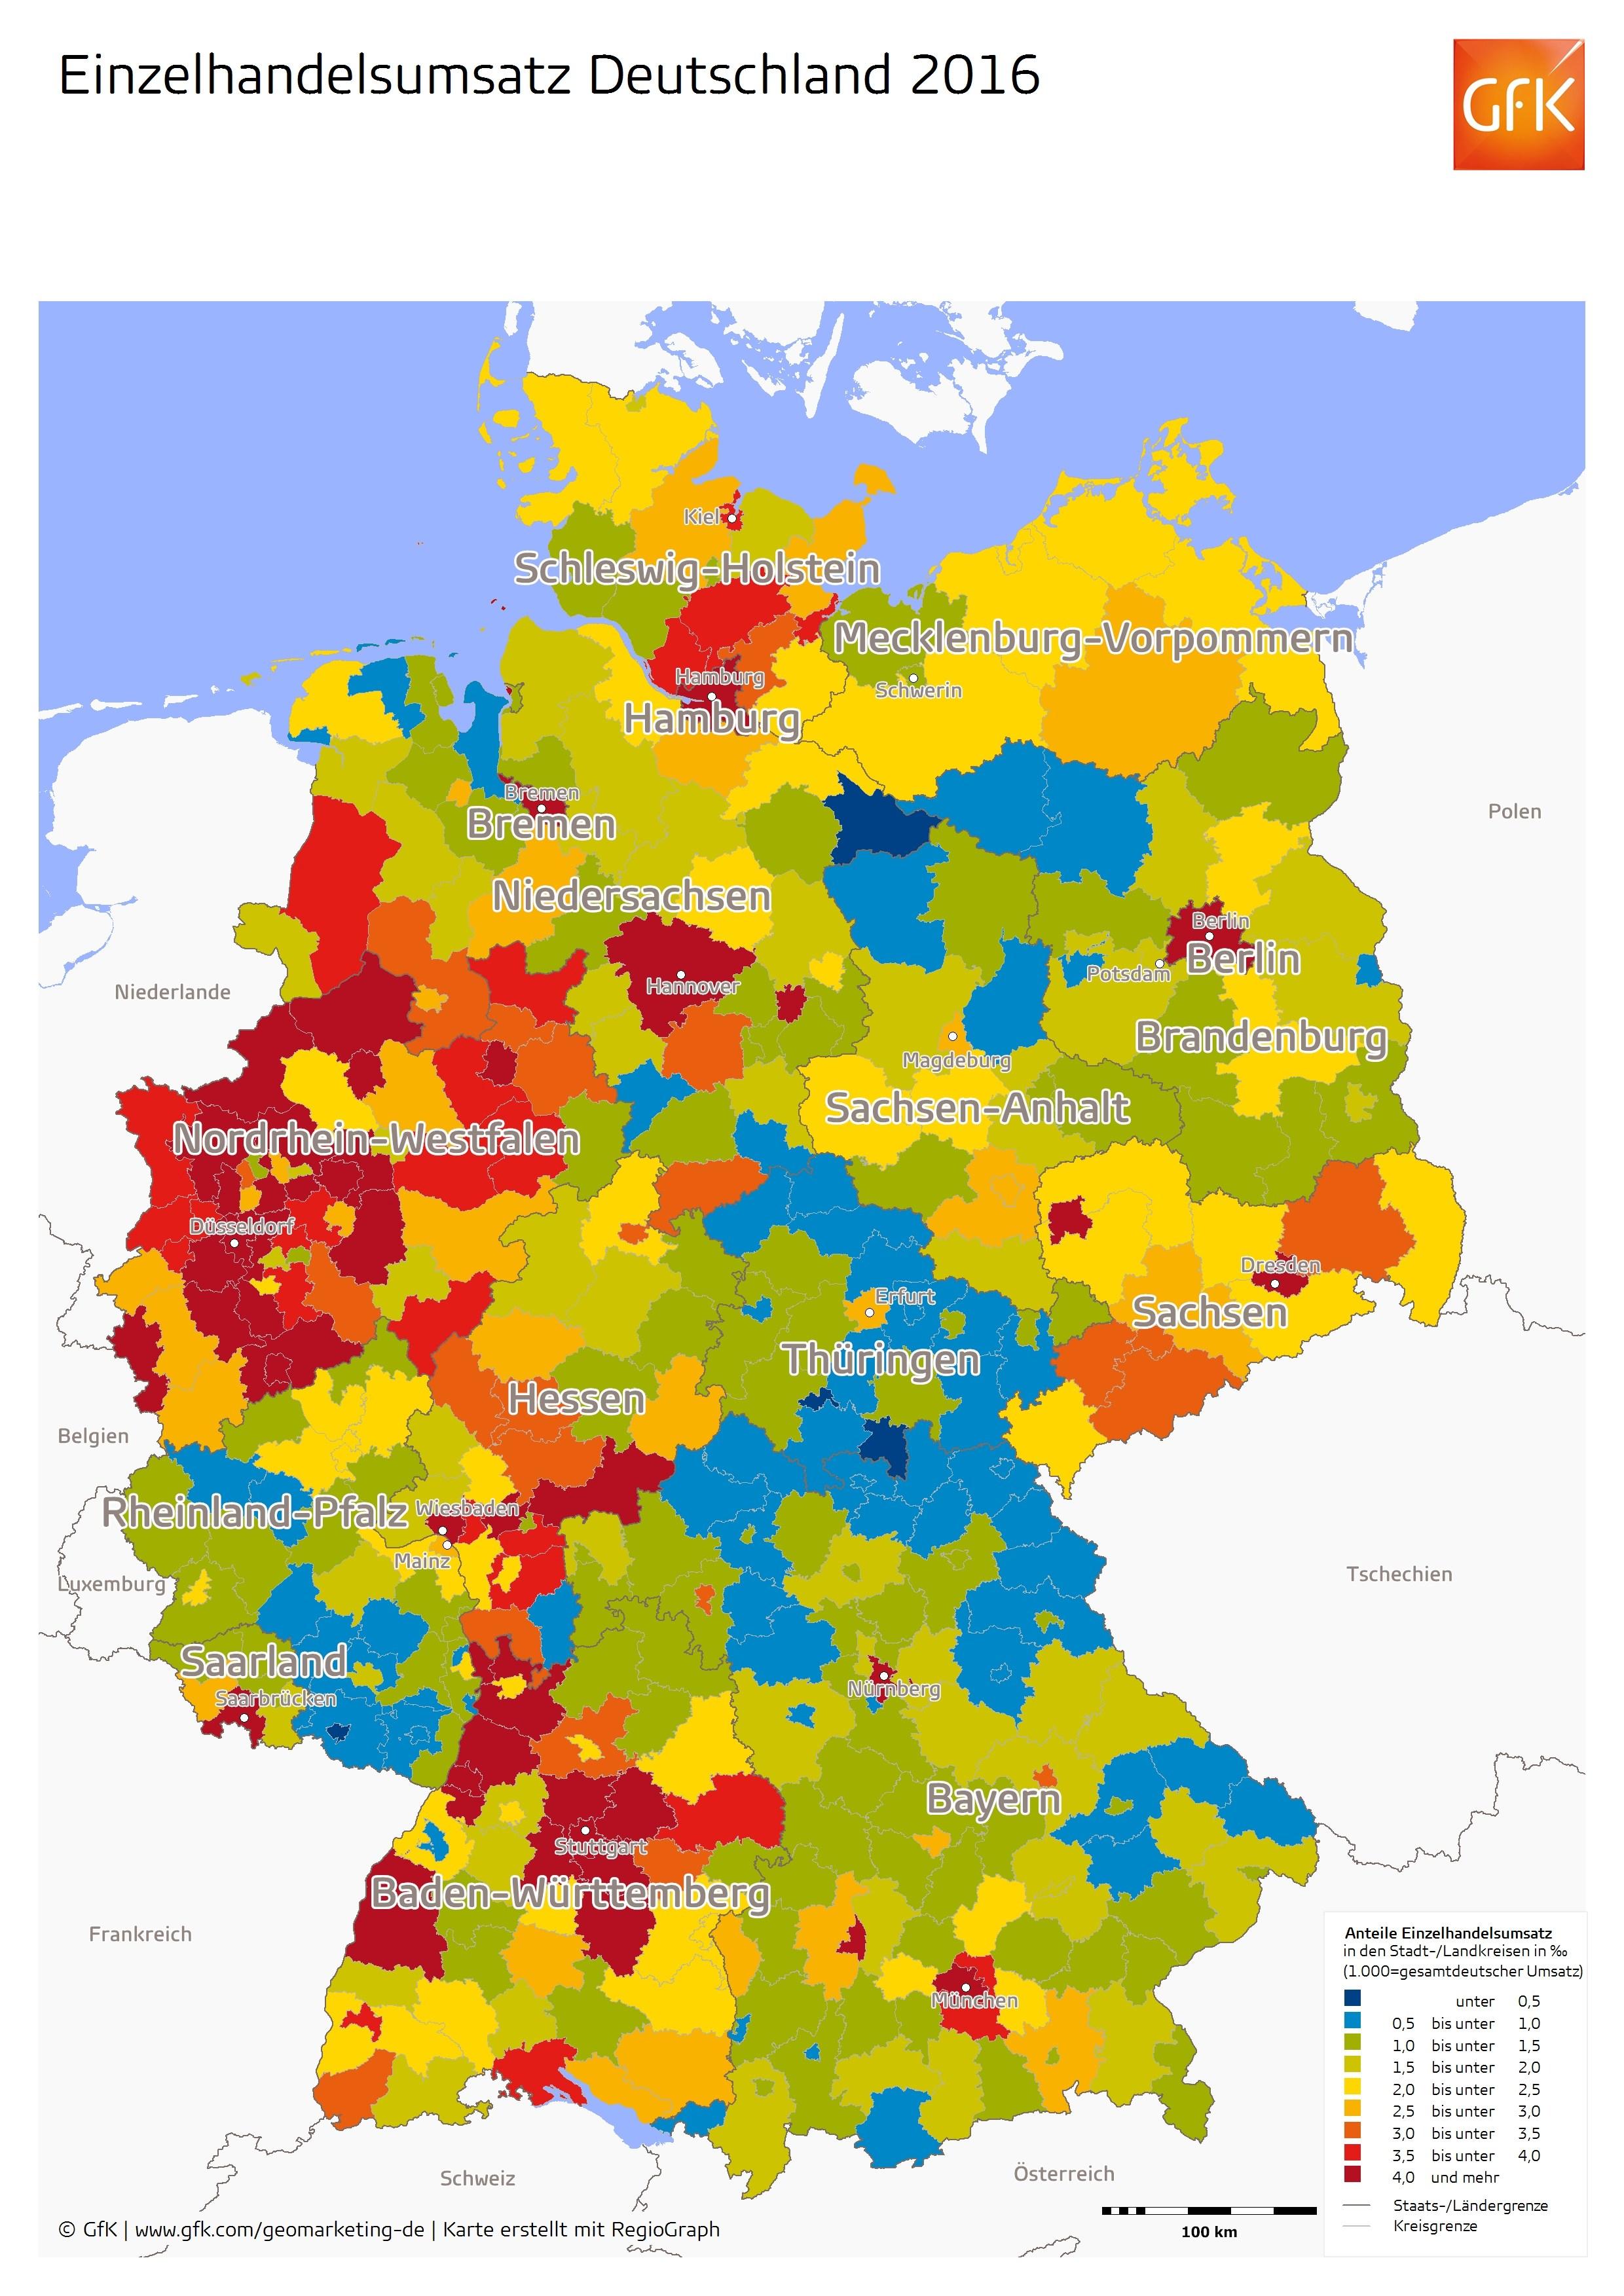 grafik gfk einzelhandelsumsatz deutschland 2016